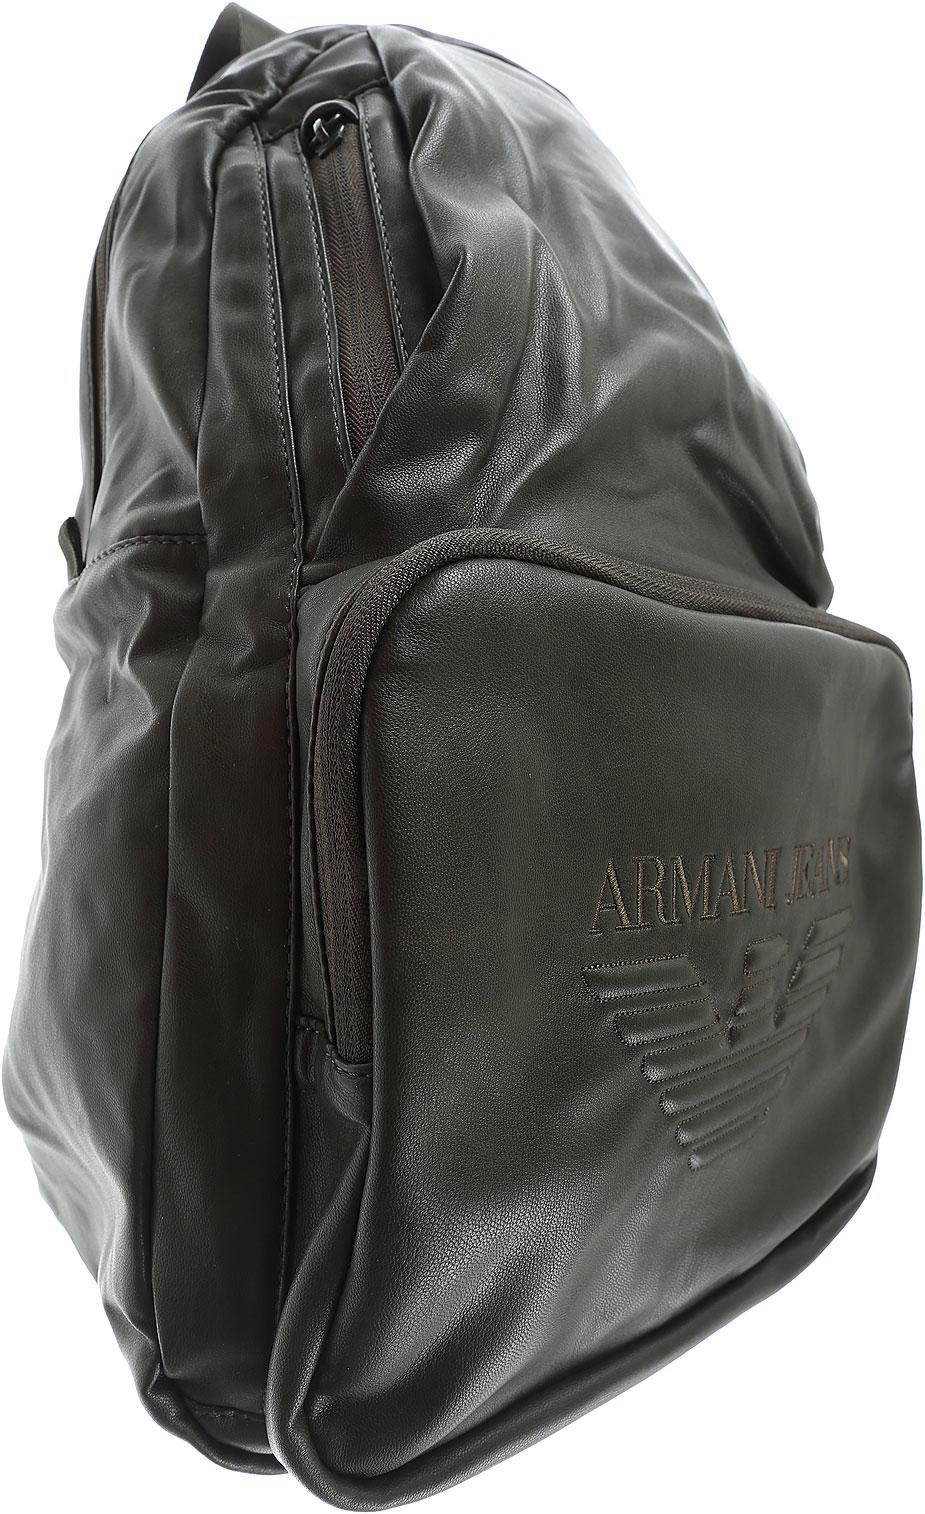 Borse Emporio Armani, Codice Articolo: 932063-7a937-00086